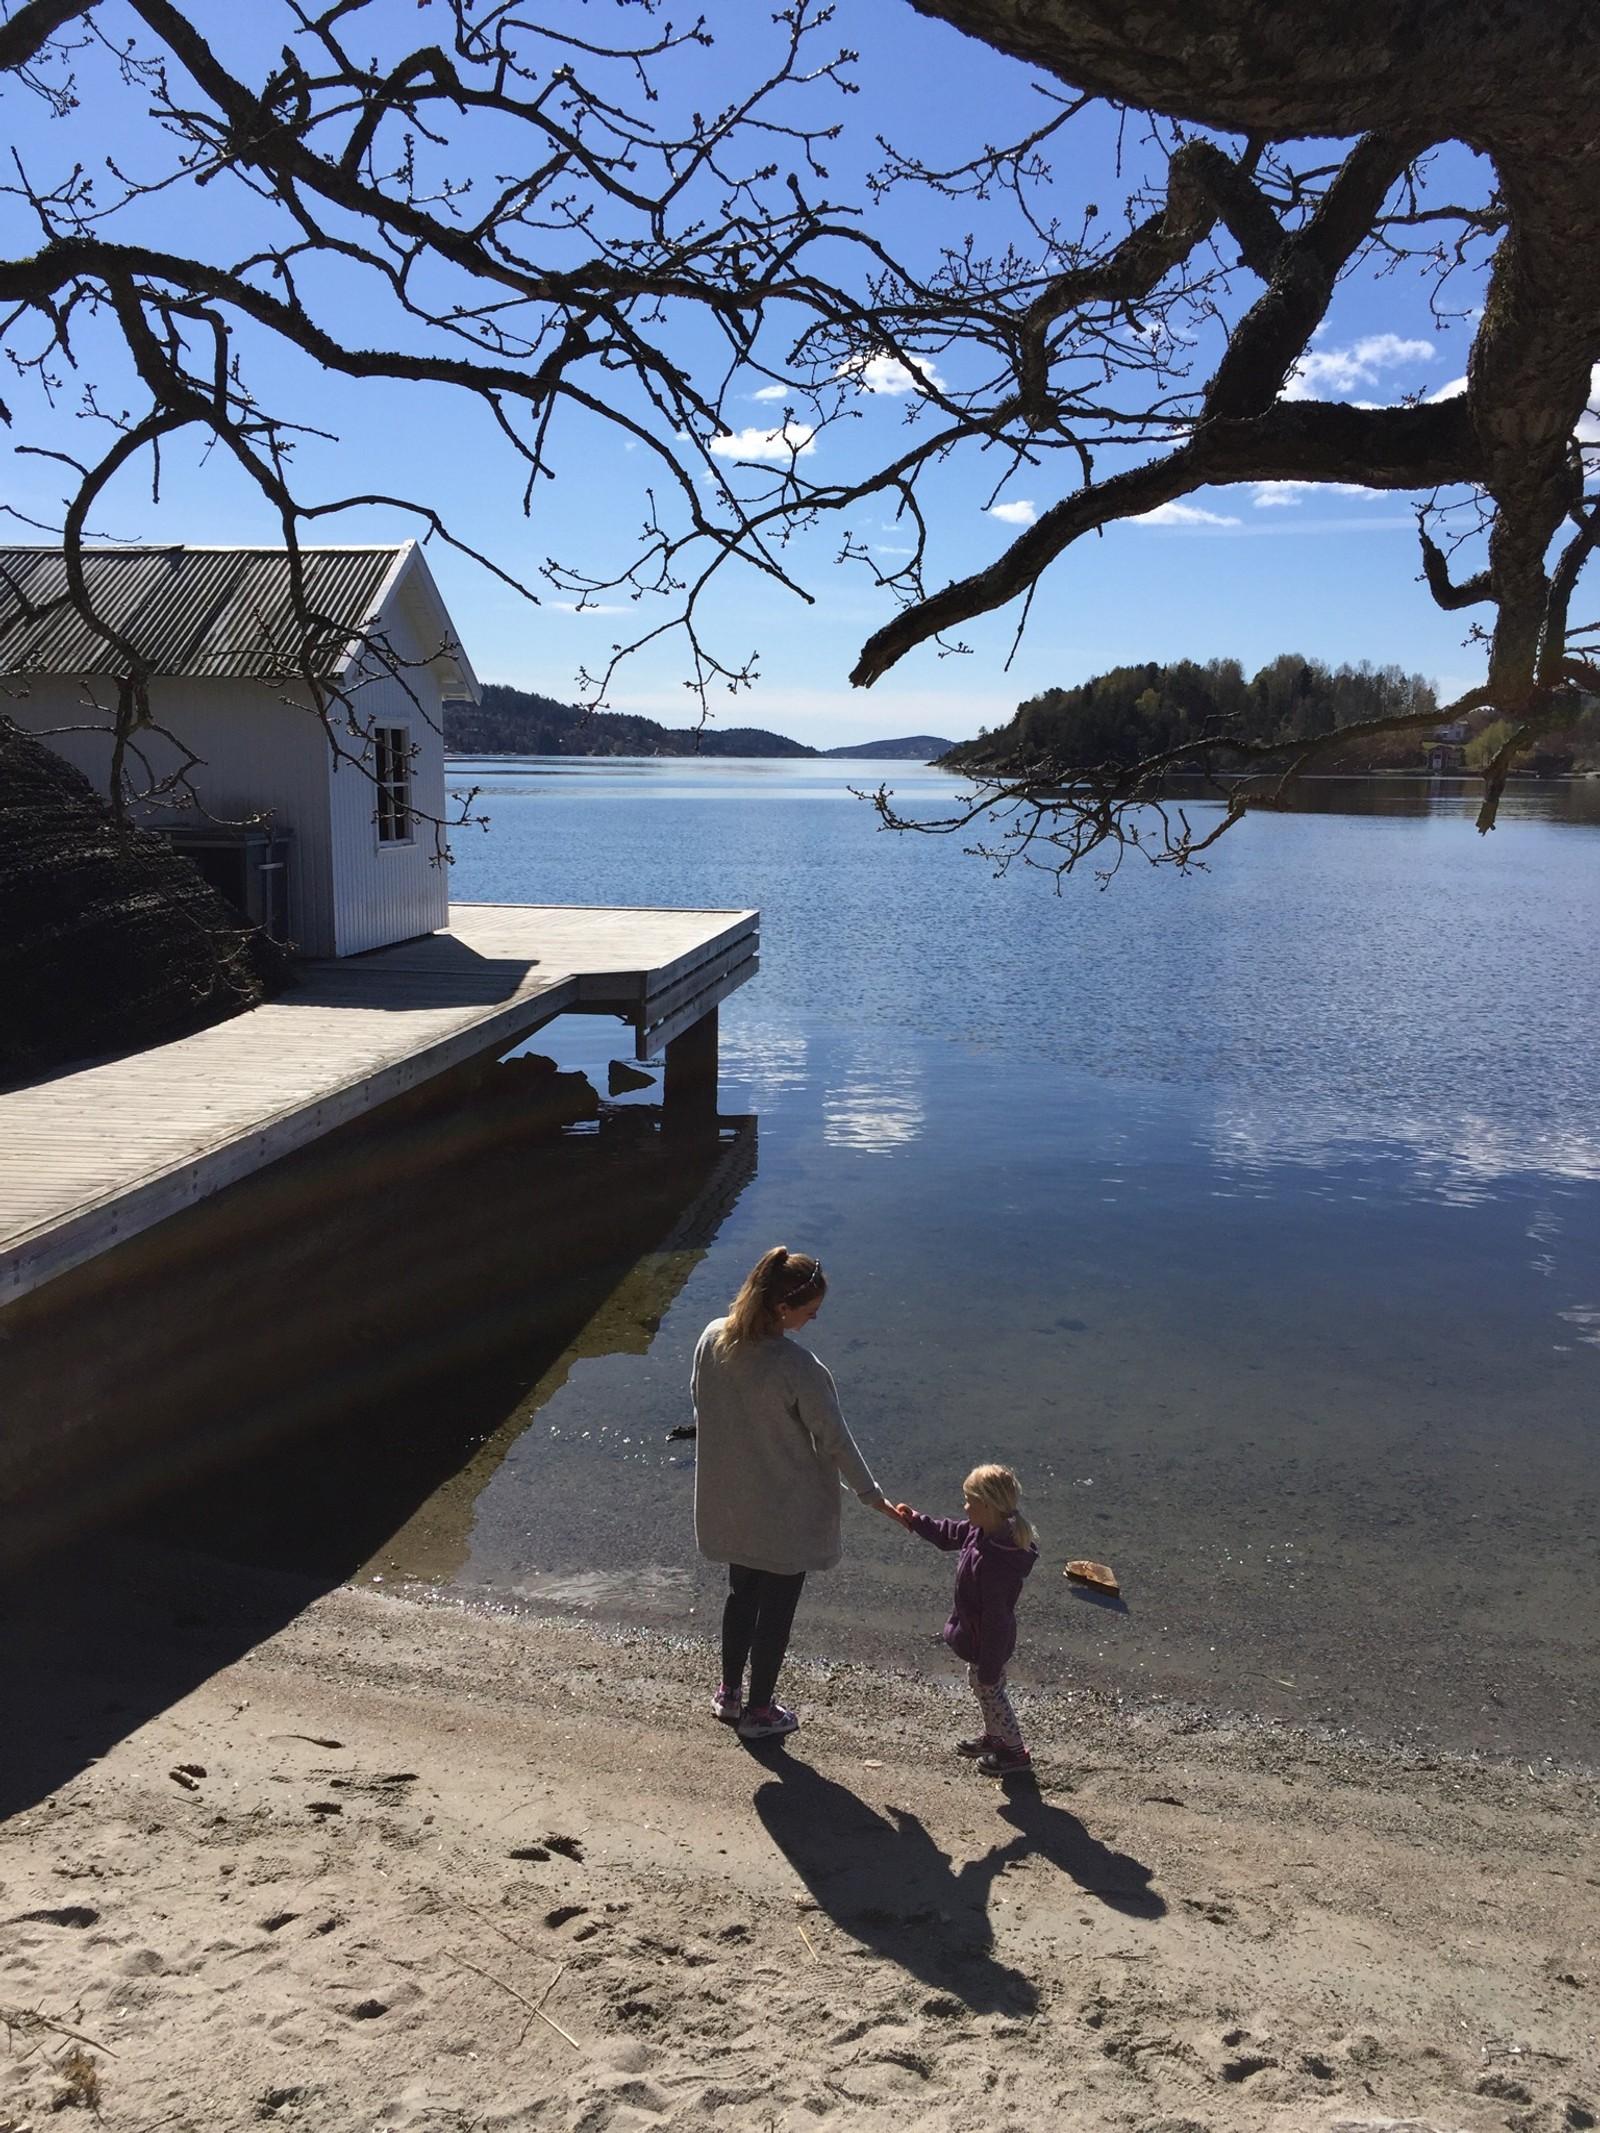 MULE VARDE I PORSGRUNN: Badeplassen er nominert fordi det er en hyggelig, liten strand, skriver en leser.